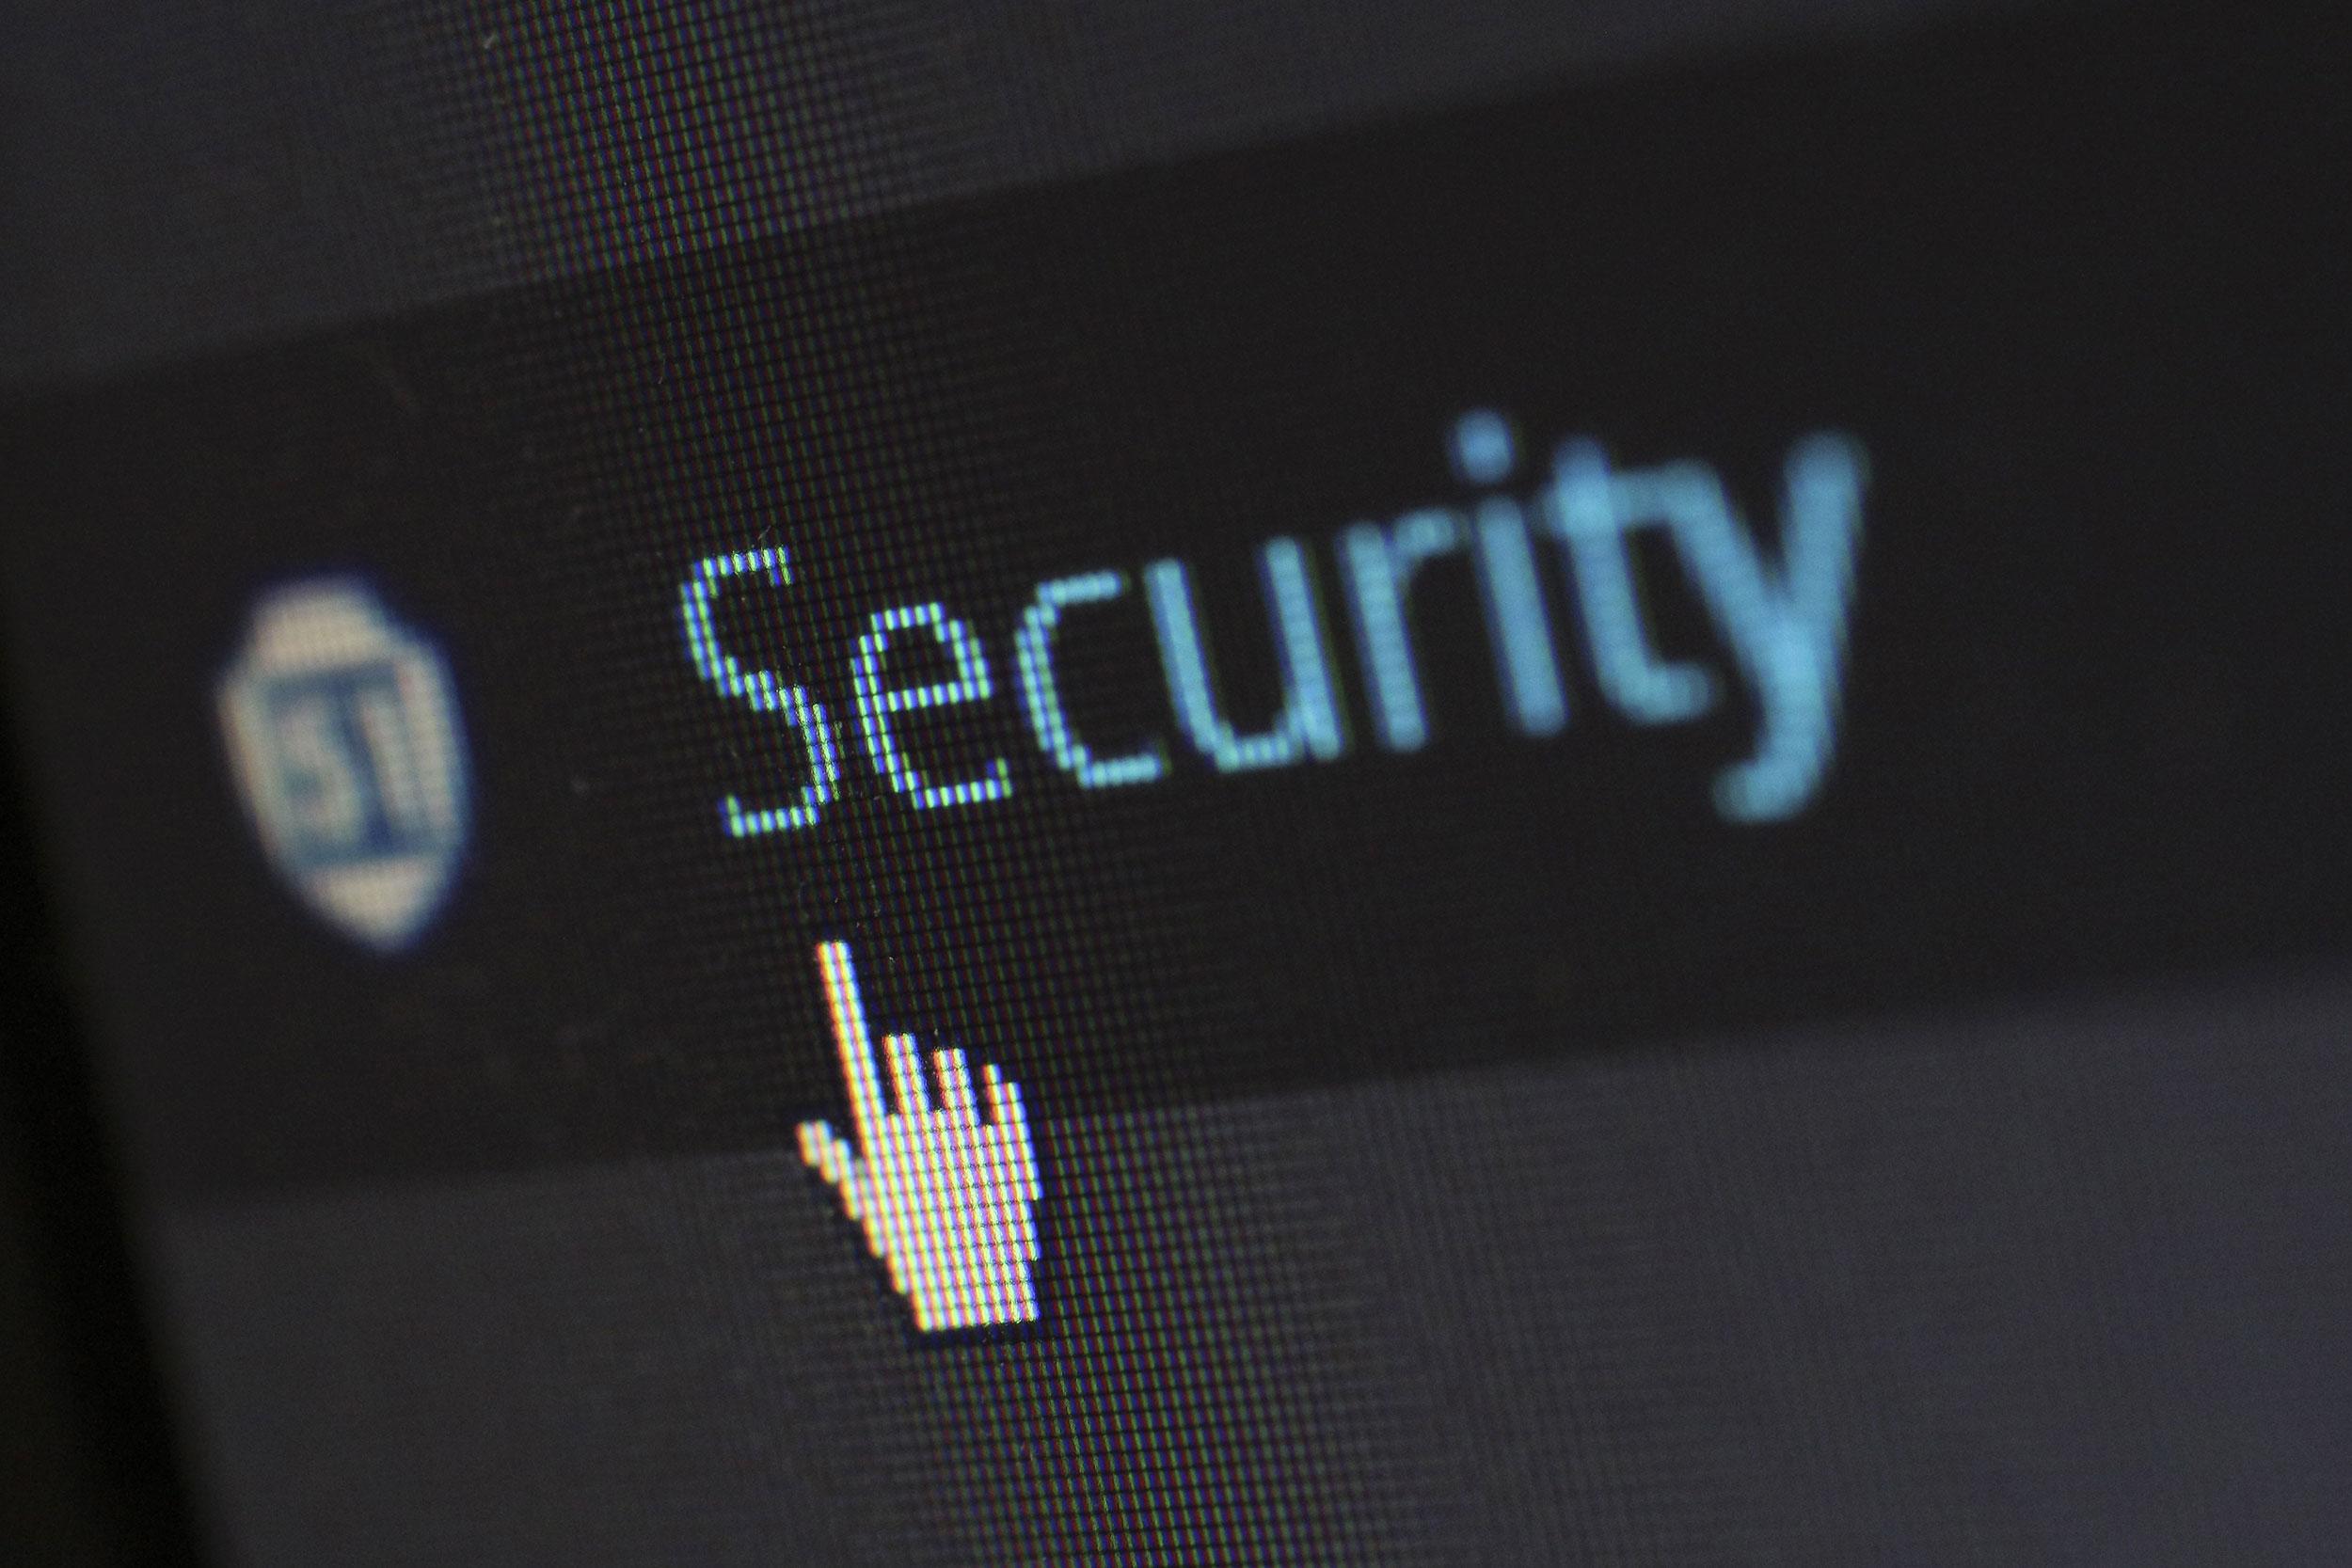 Datasikkerthet illustrasjonsbilde av  dataskjerm med tekst Security.